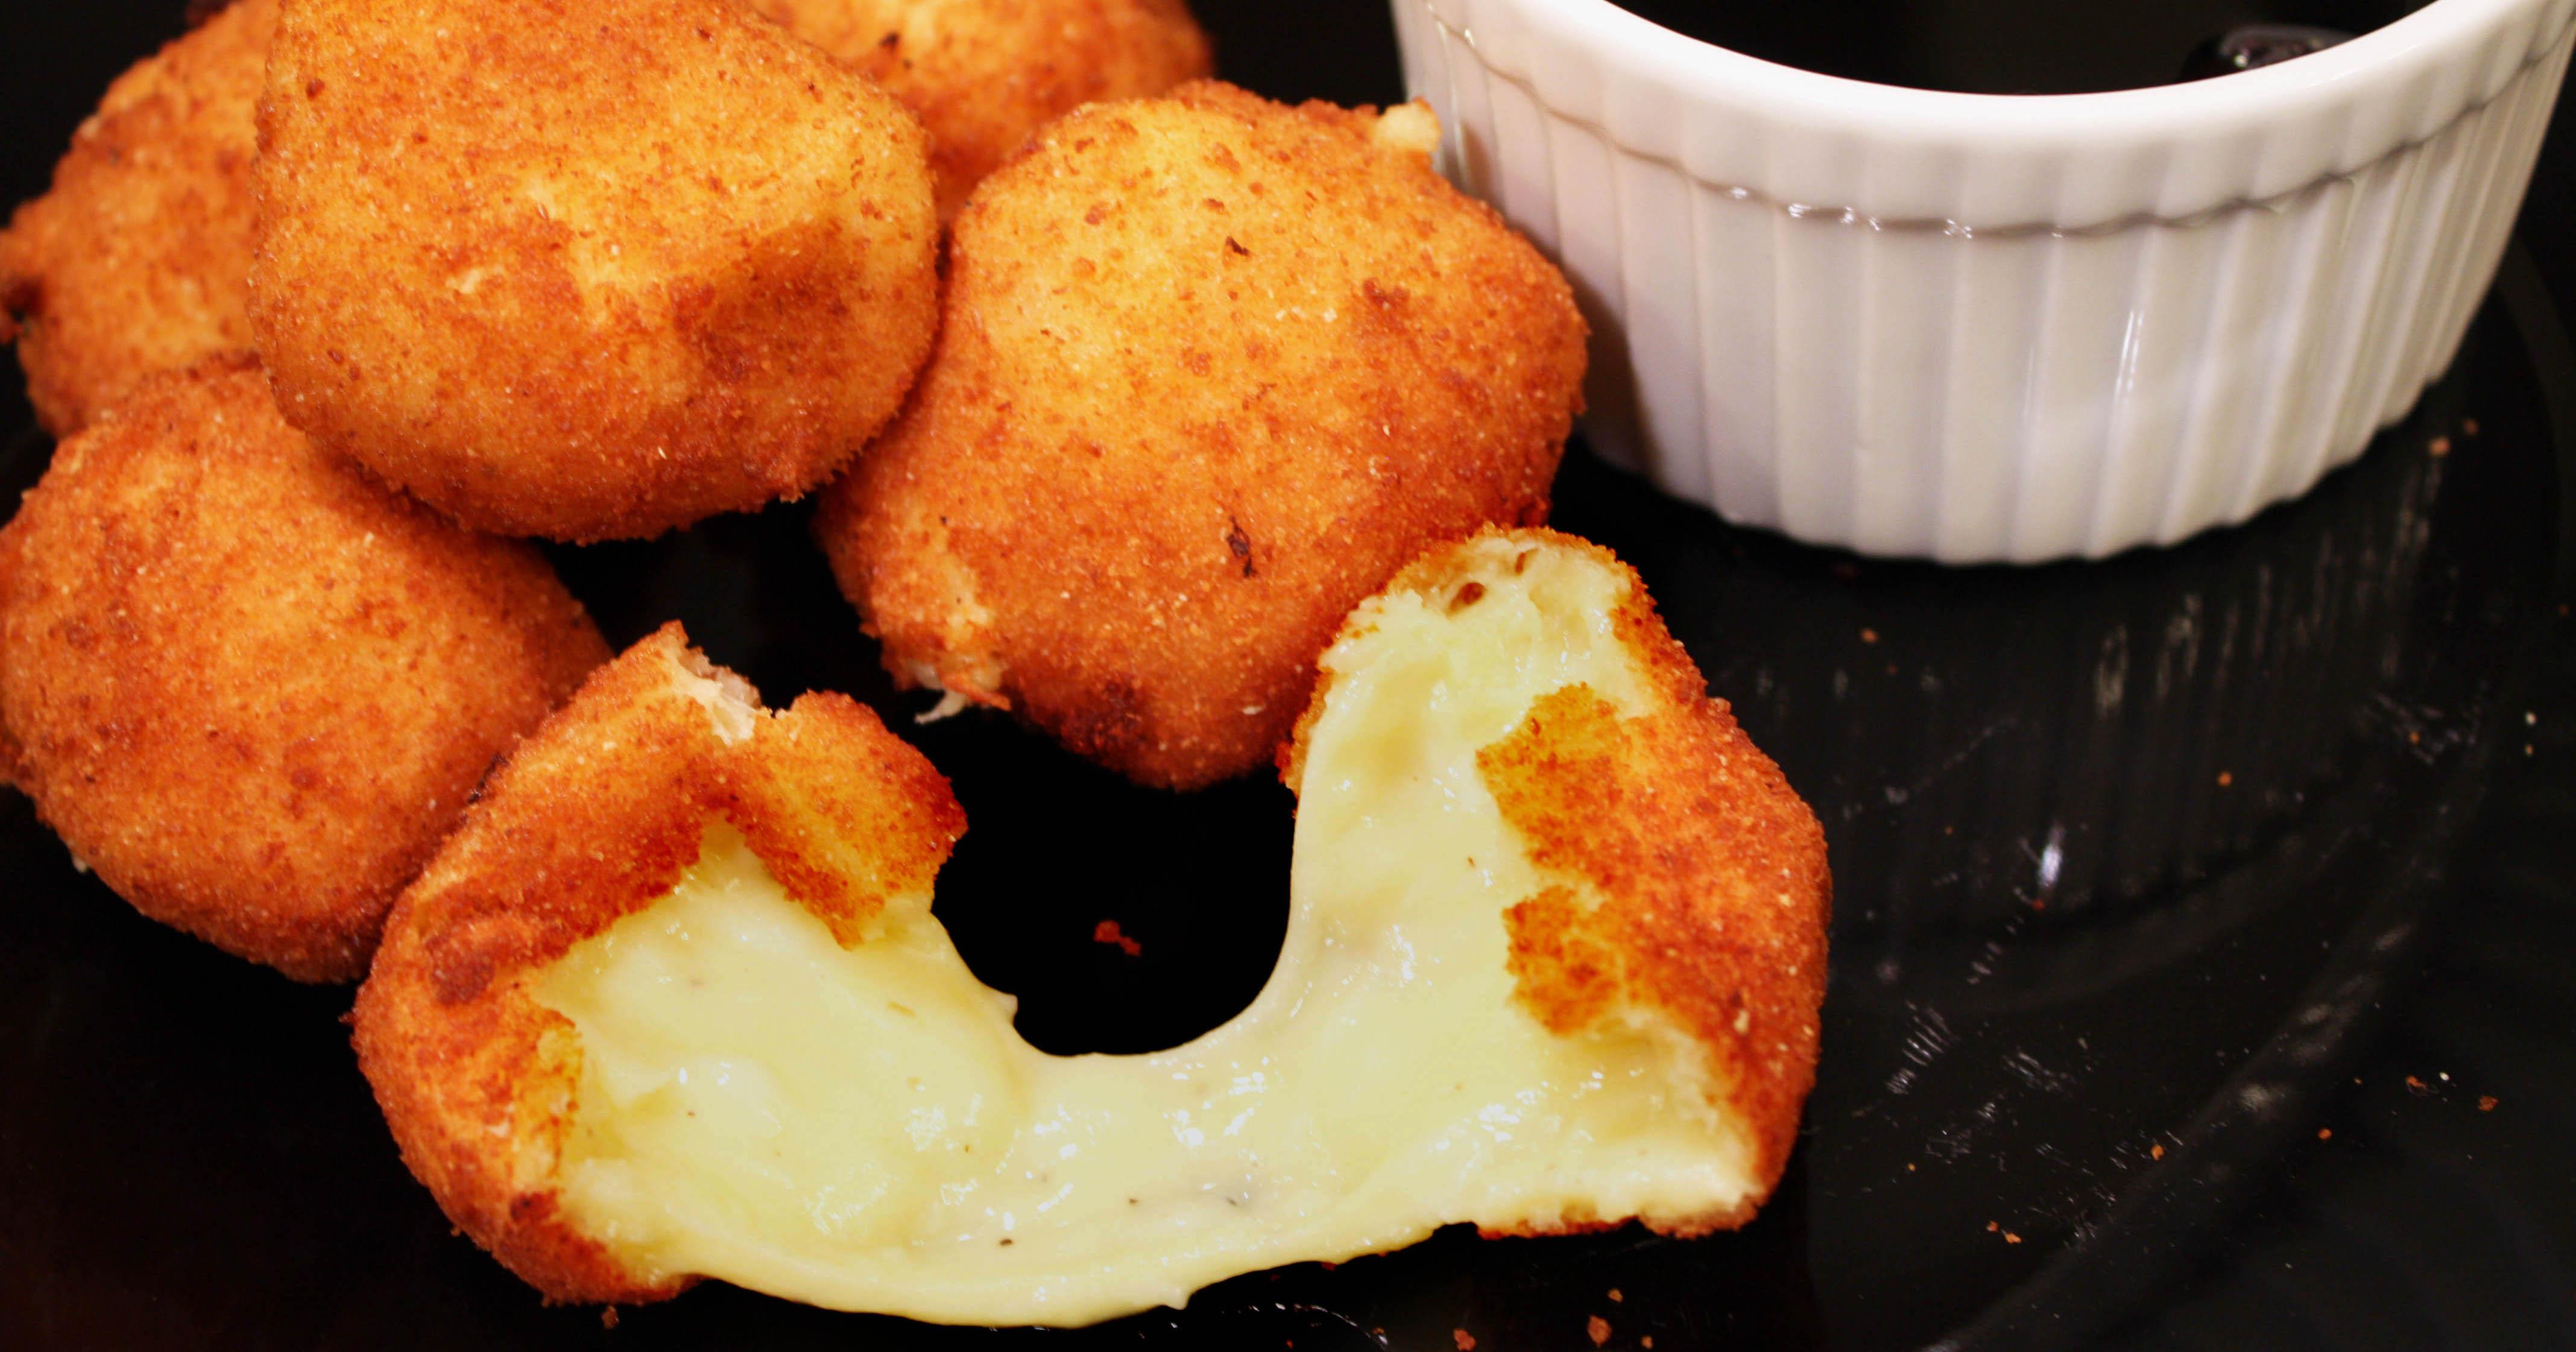 Croquette De Jambon Au Four recette croquettes au fromage kiri